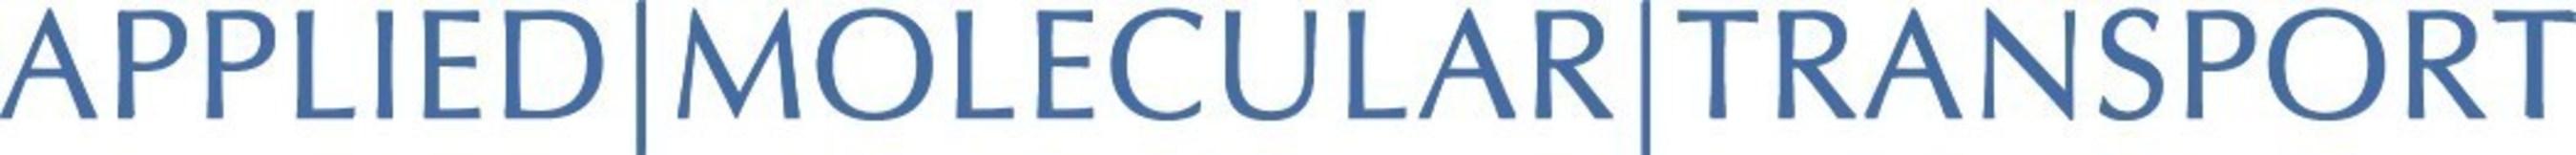 Applied Molecular Transport, LLC logo